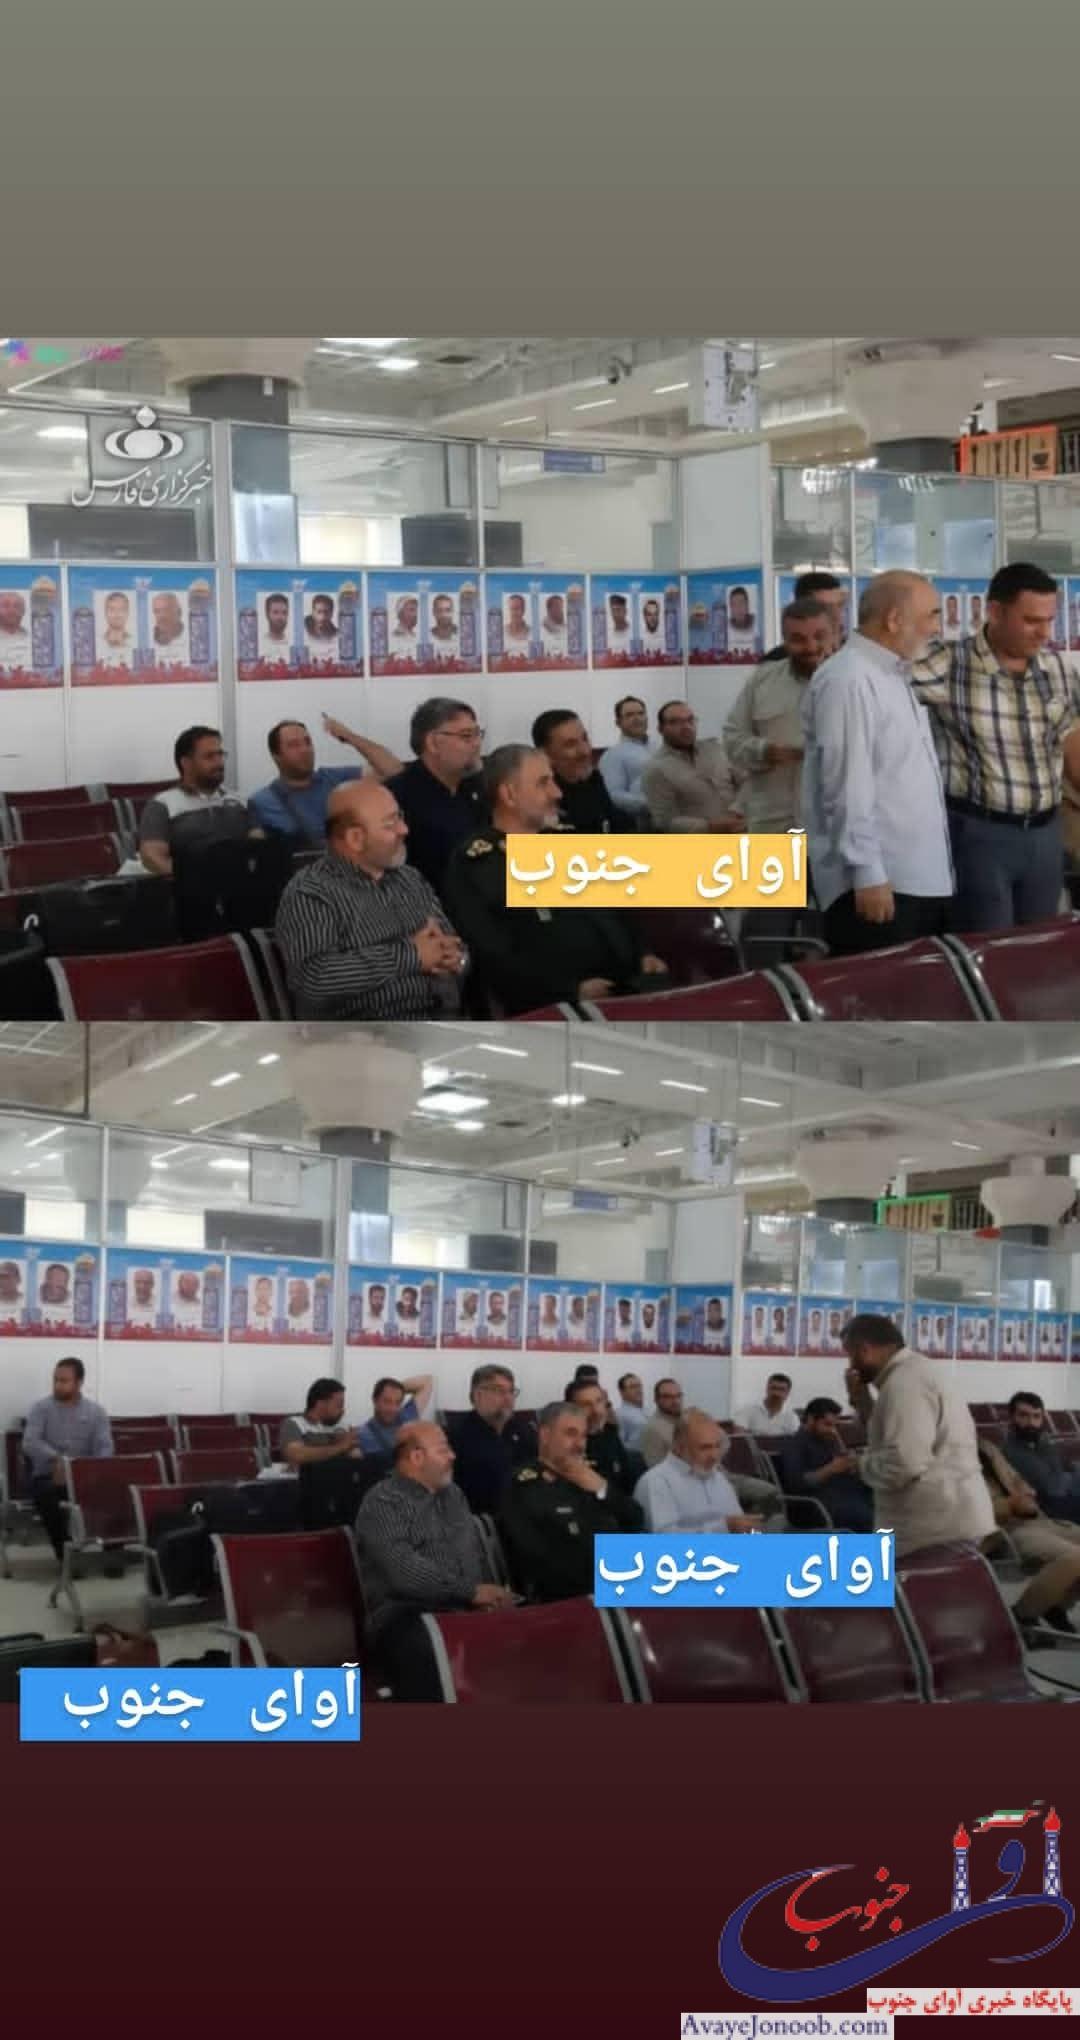 اقدام جالب فرمانده کل سپاه در سفر به خوزستان/ تصویری که از چشم رسانهها پنهان ماند+تصاویر